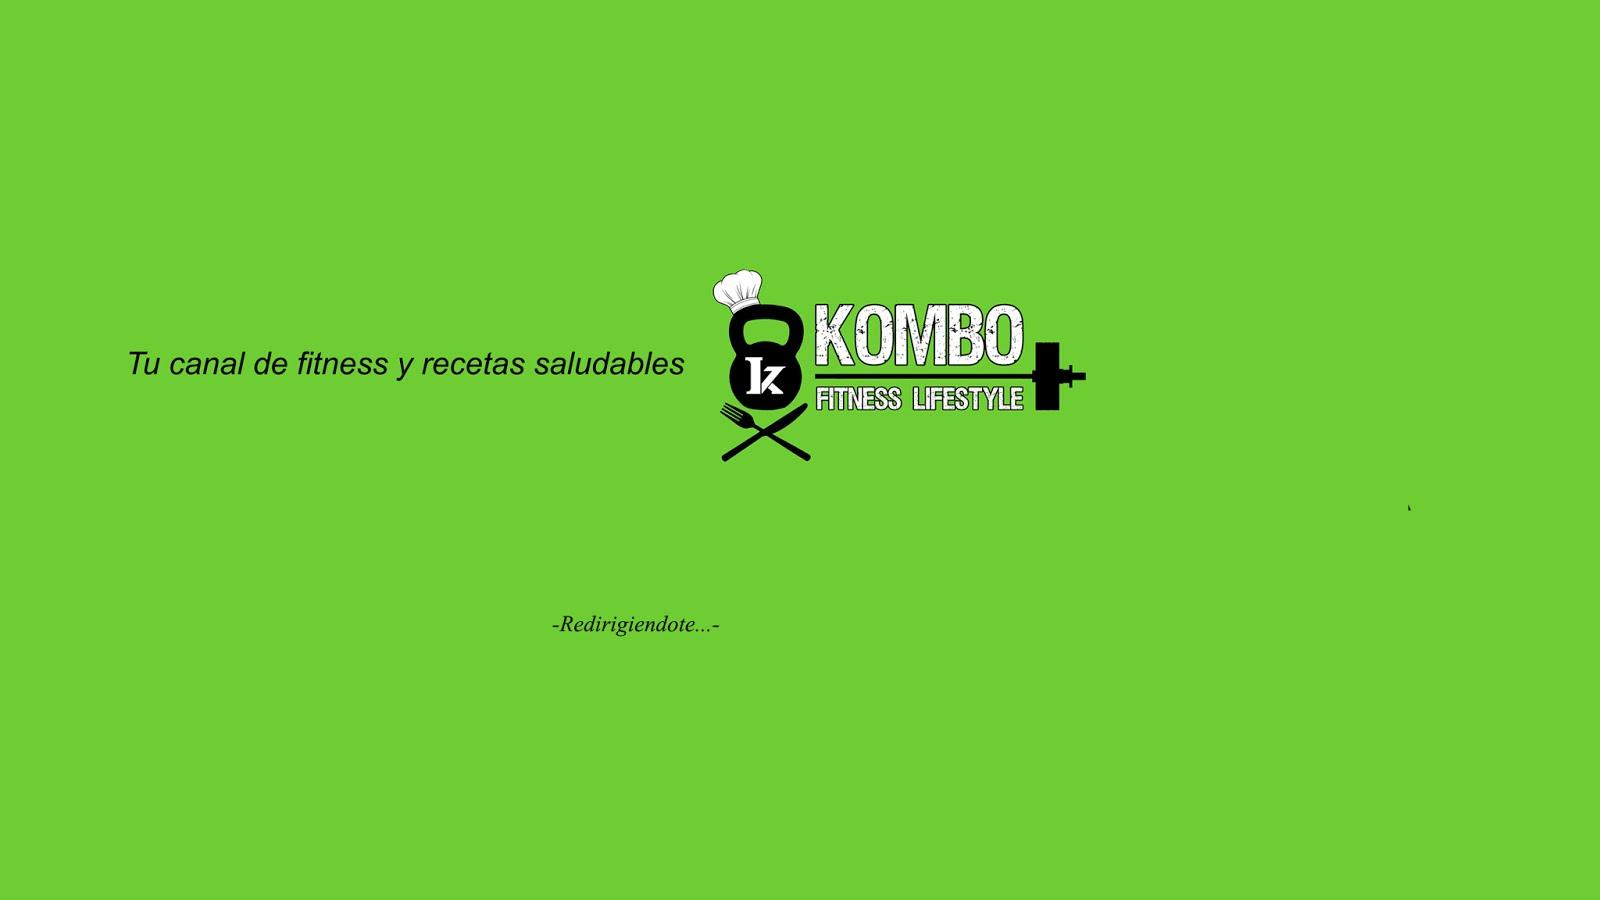 Kombo Fitness Lifestyle